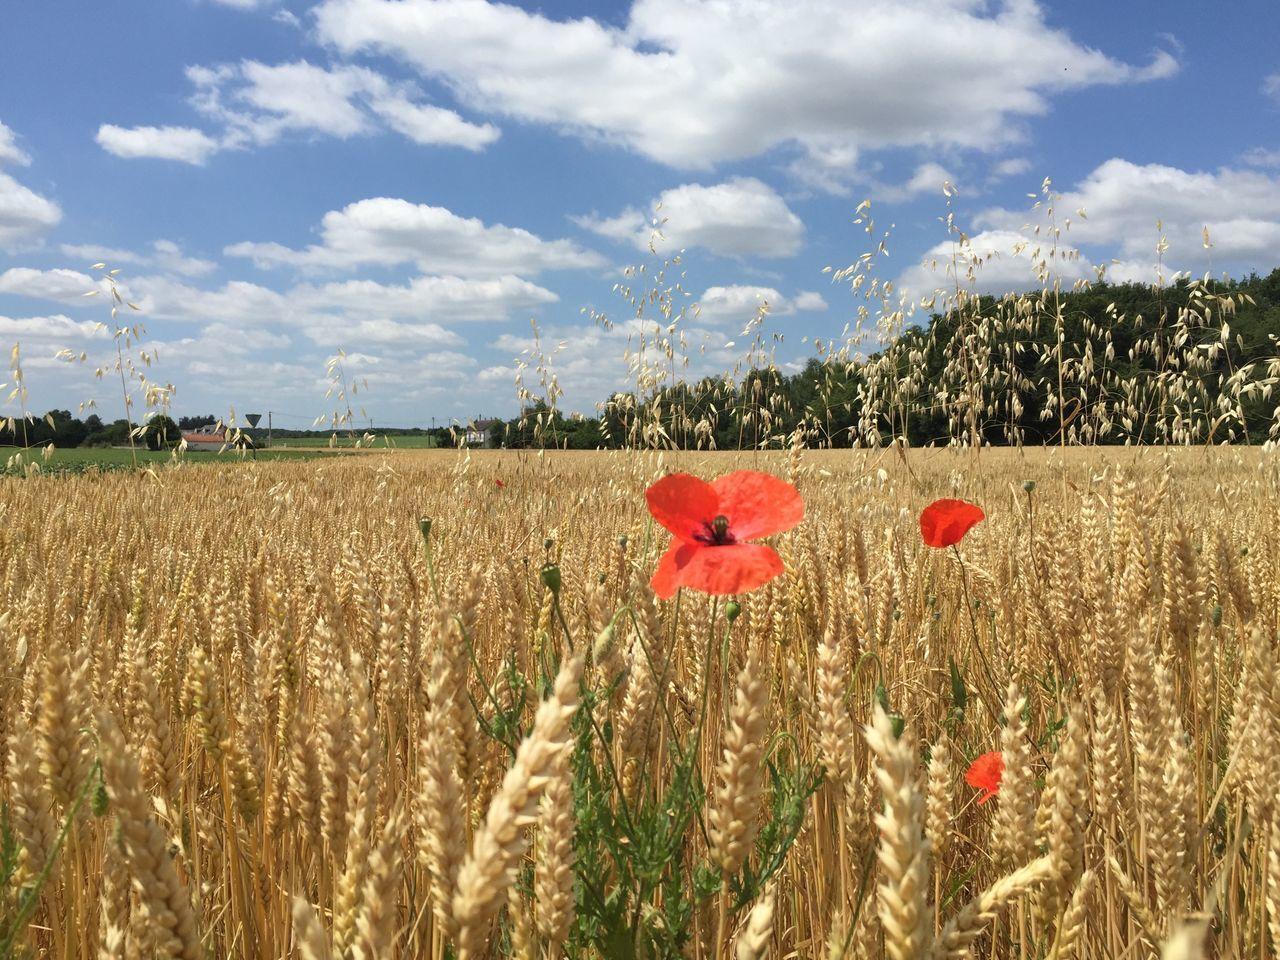 Poppy Growing In Wheat Field